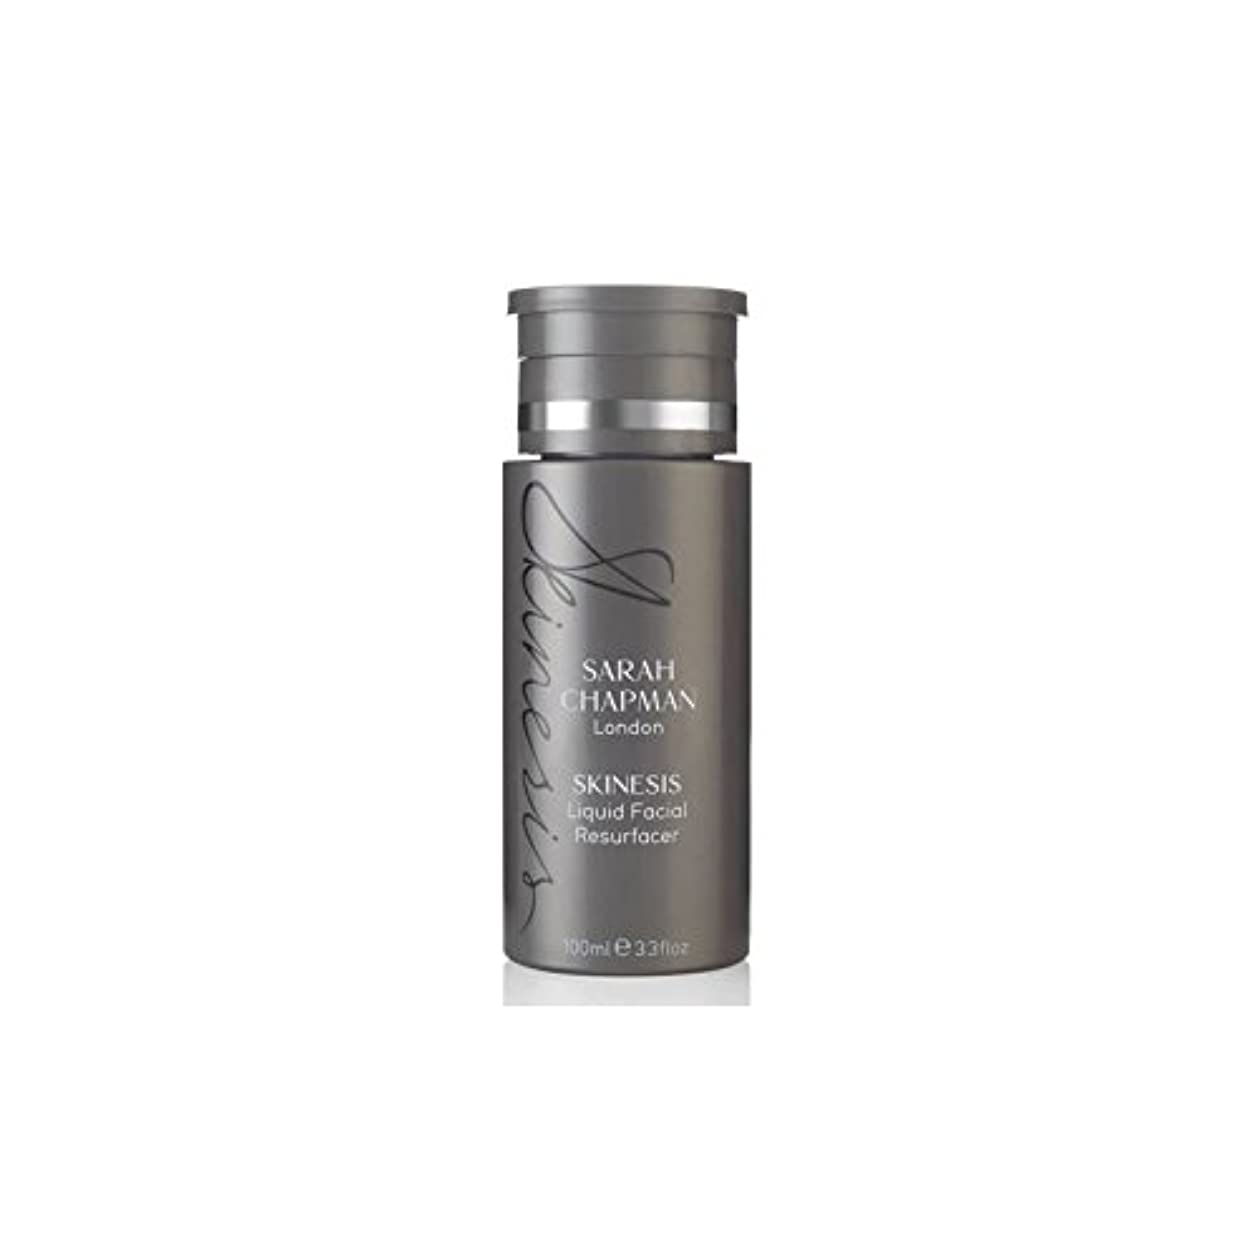 荒野ボイコット顧問サラチャップマン液体顔(100)に x4 - Sarah Chapman Skinesis Liquid Facial Resurfacer (100ml) (Pack of 4) [並行輸入品]